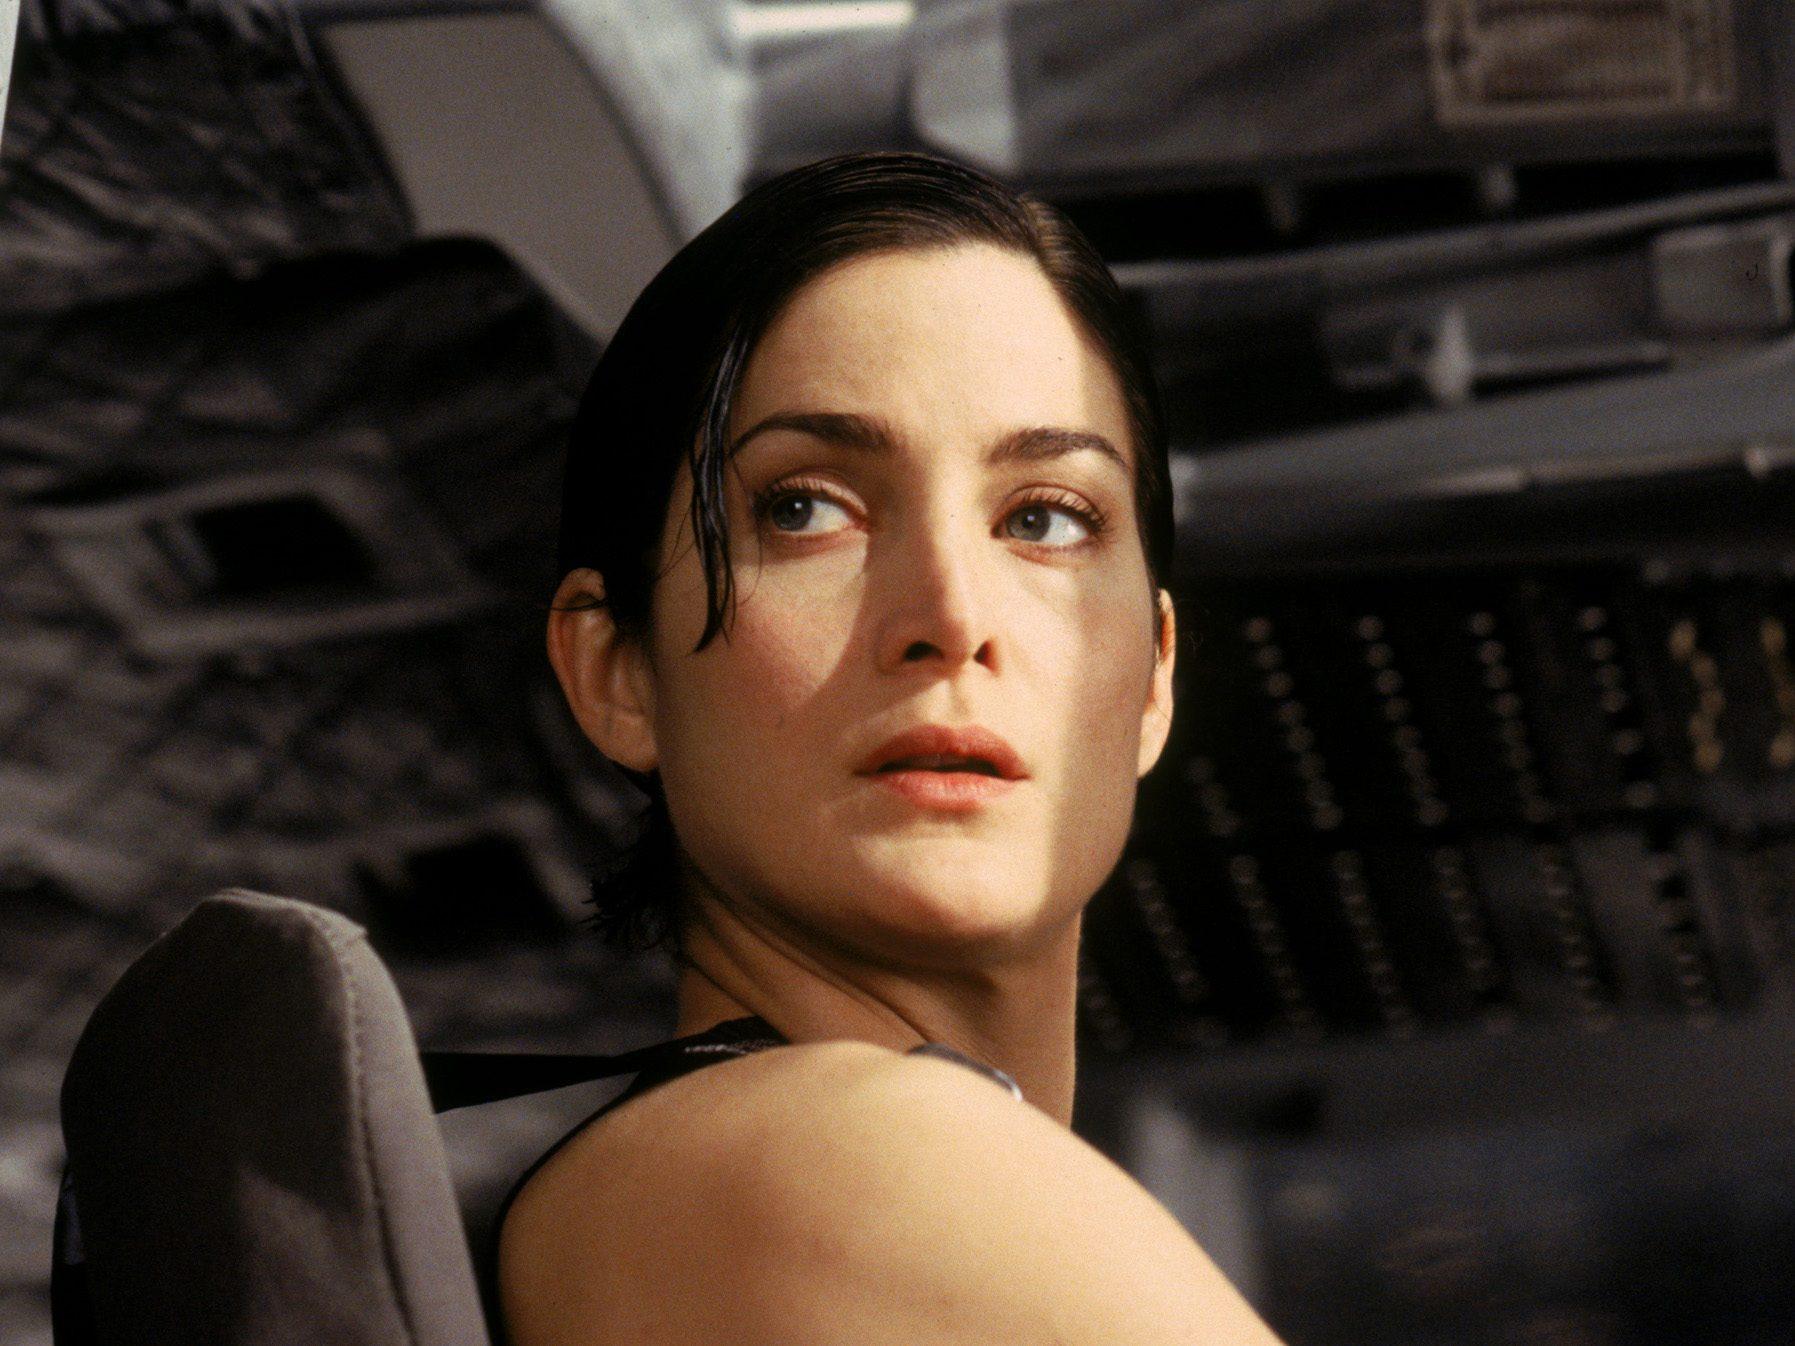 Best sci-fi movies on Netflix - The Matrix